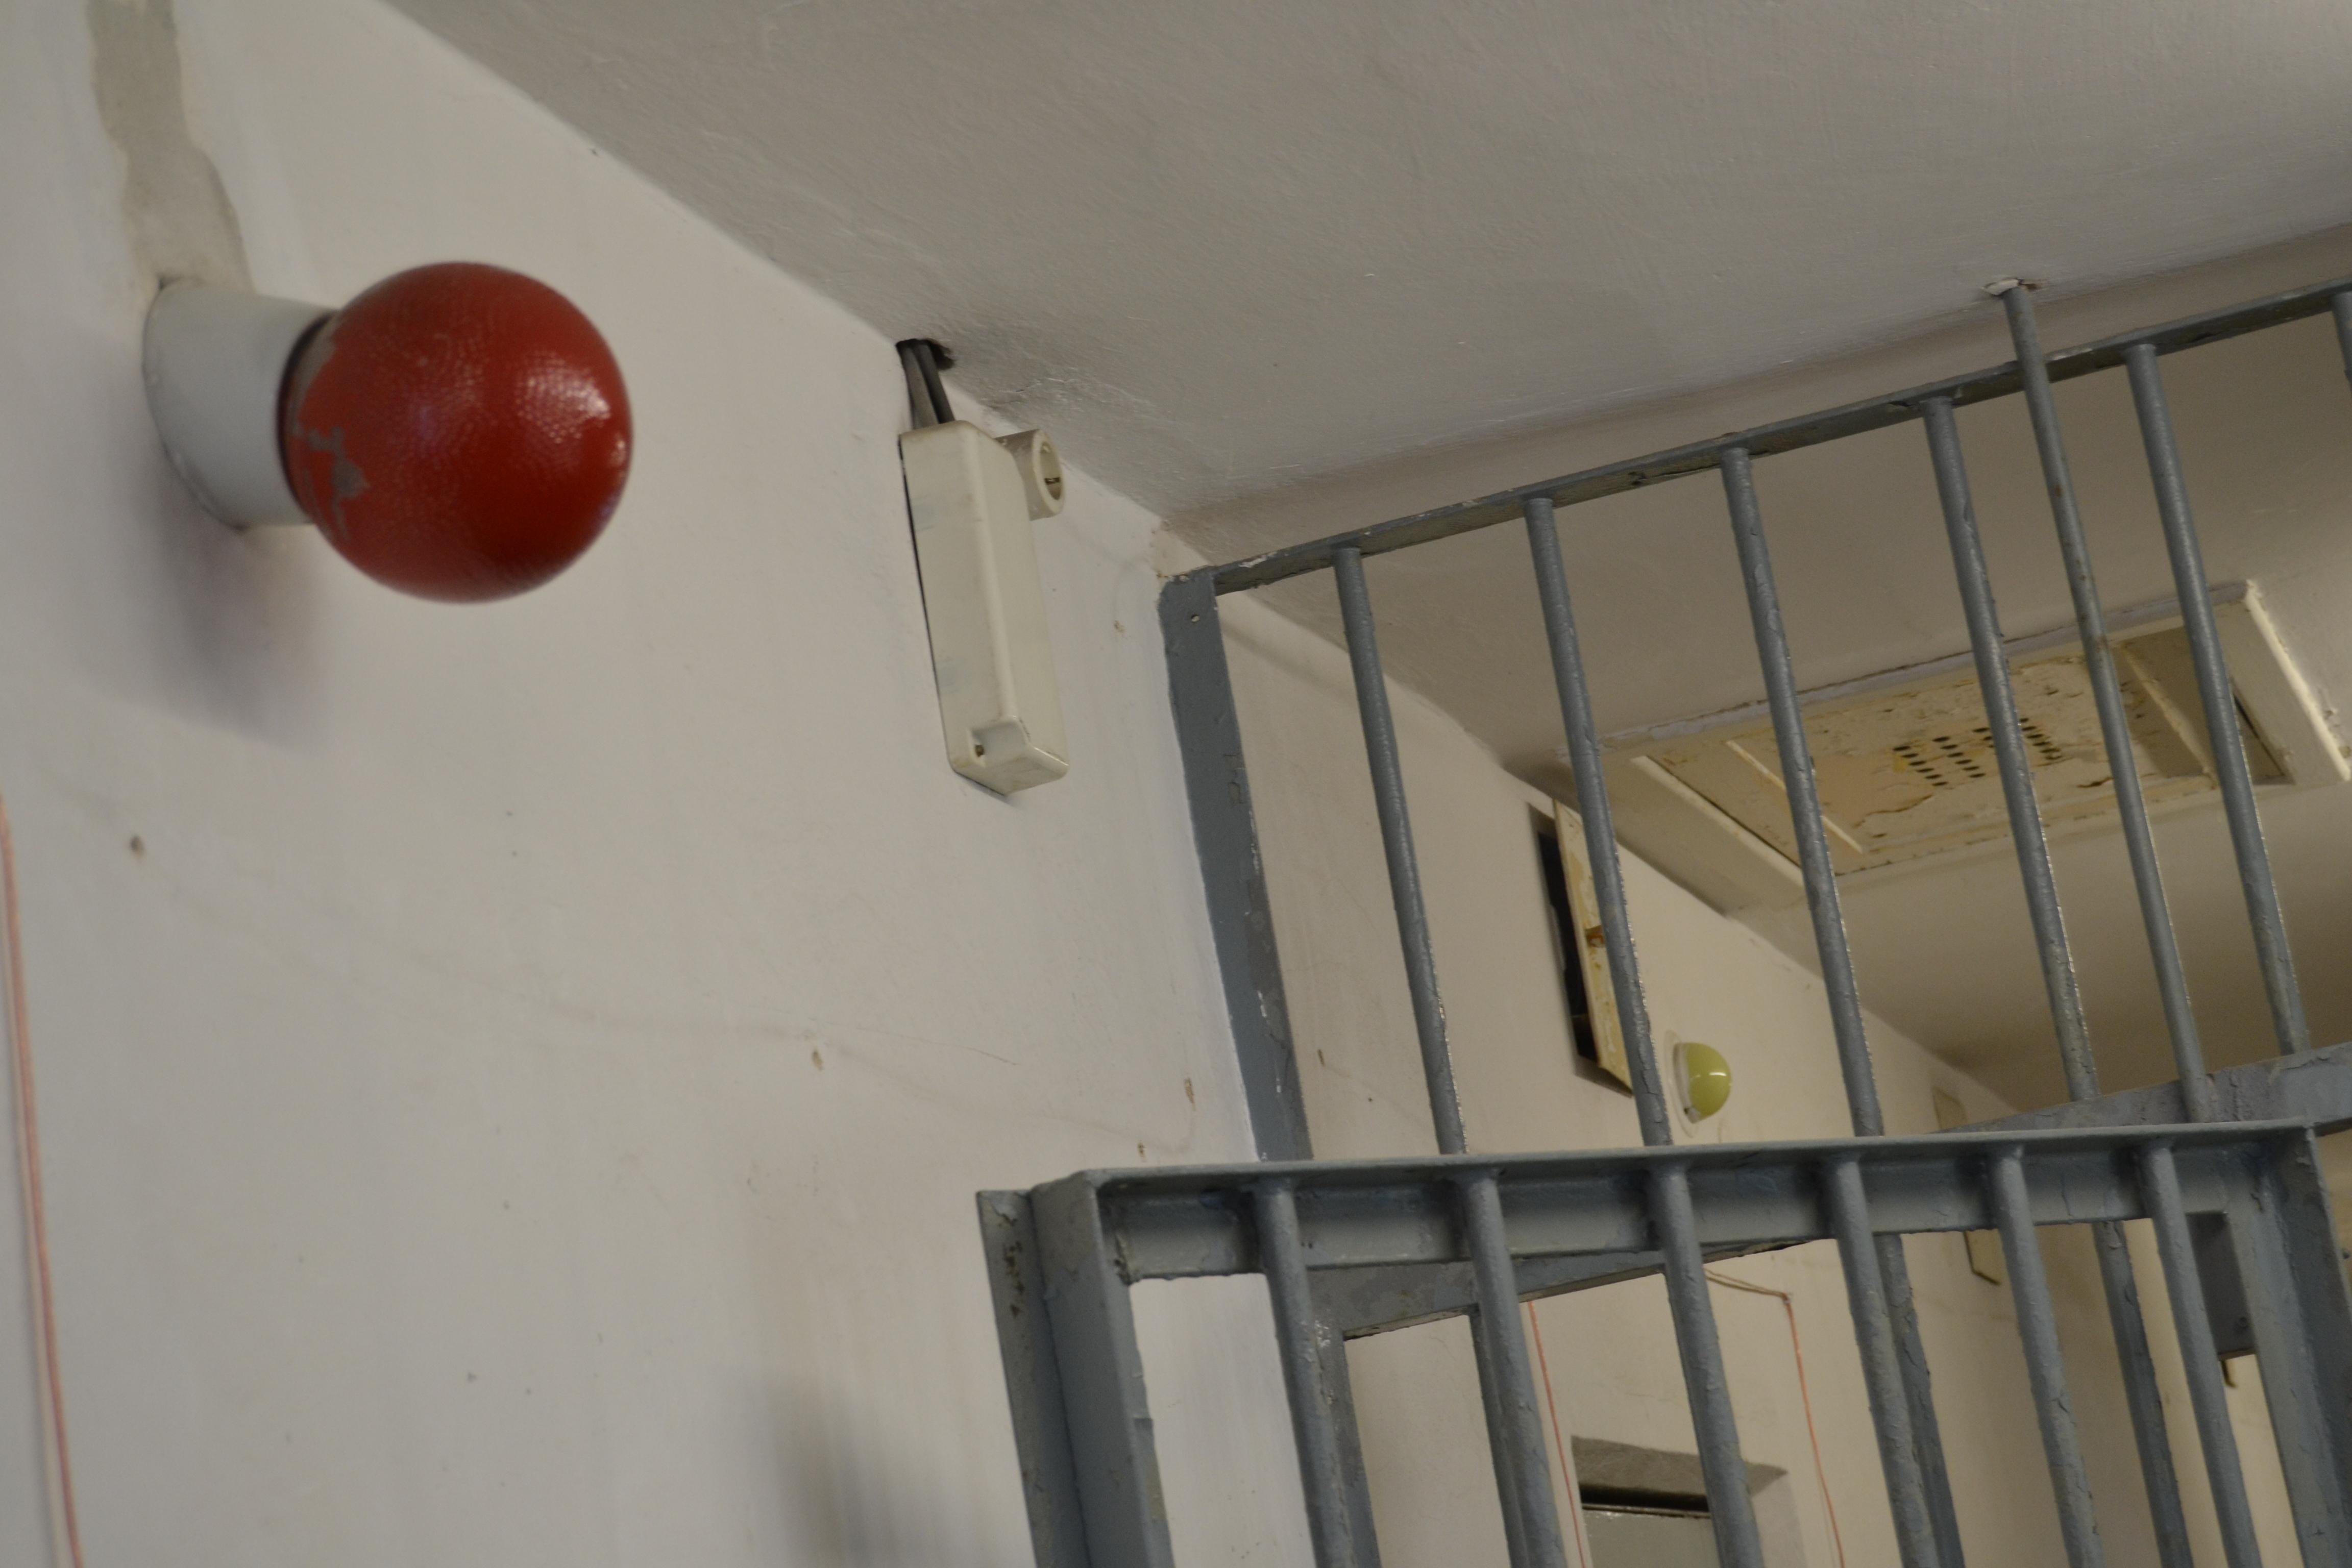 Eristäminen oli henkisen väkivallan keinoista tärkeimpiä. Vangit vietiin kuulusteluihin punaisten valojen palaessa. Silloin ei käytävälle ollut muilla asiaa. Eristämällä vangit toisistaan estettiin solidaarisuutta ja vahvistettiin voimattomuutta.